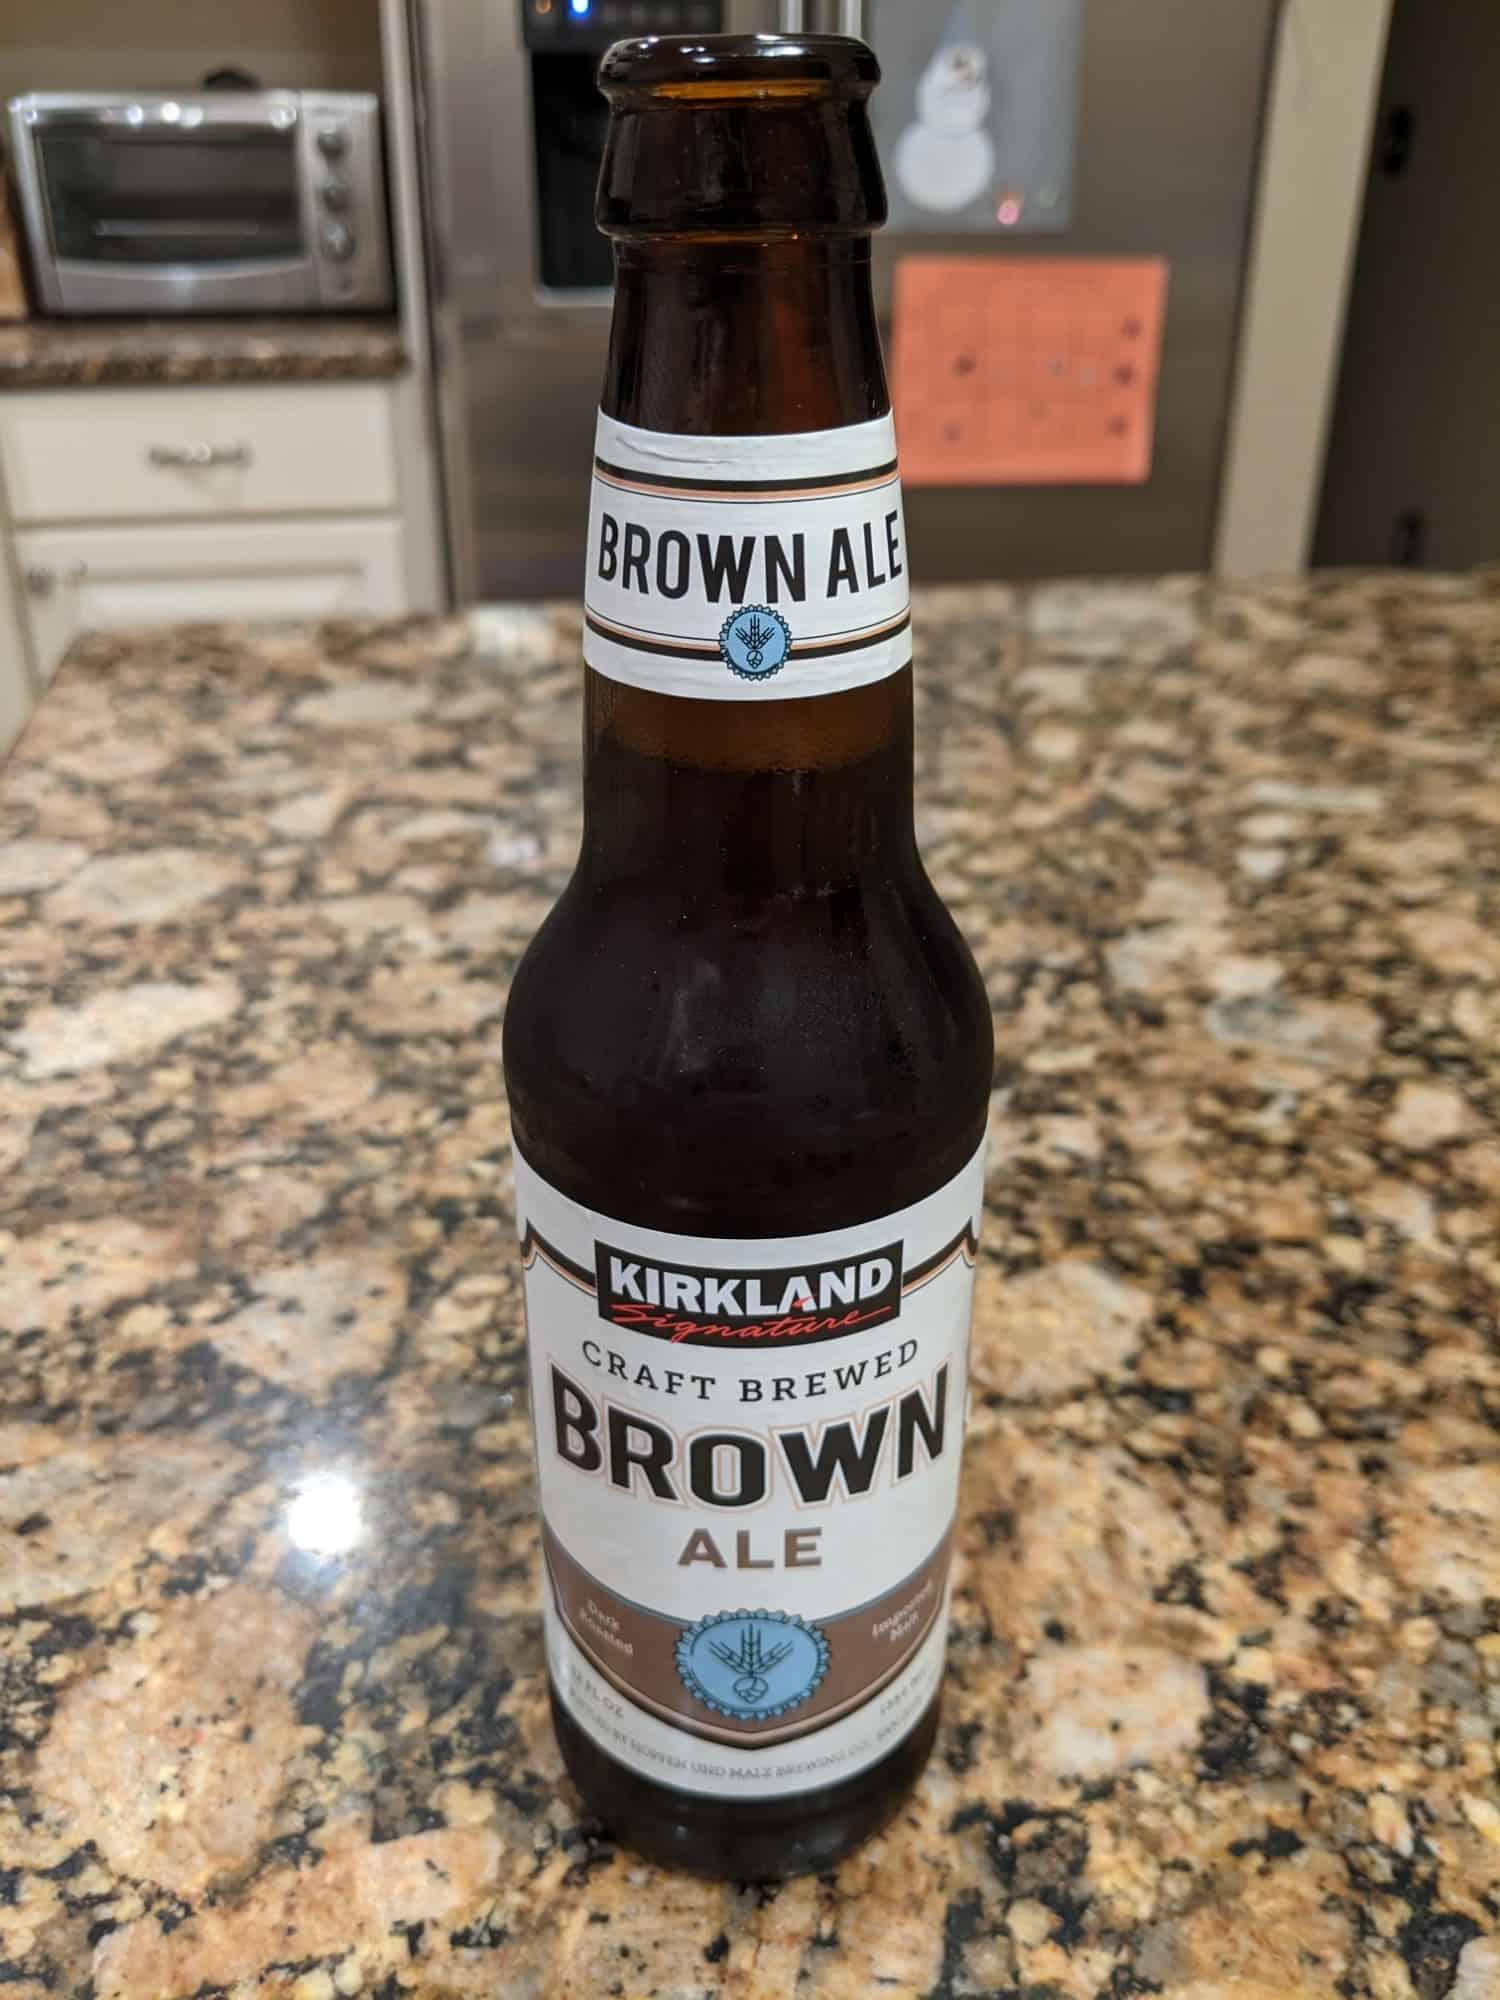 Kirkland Brown Ale